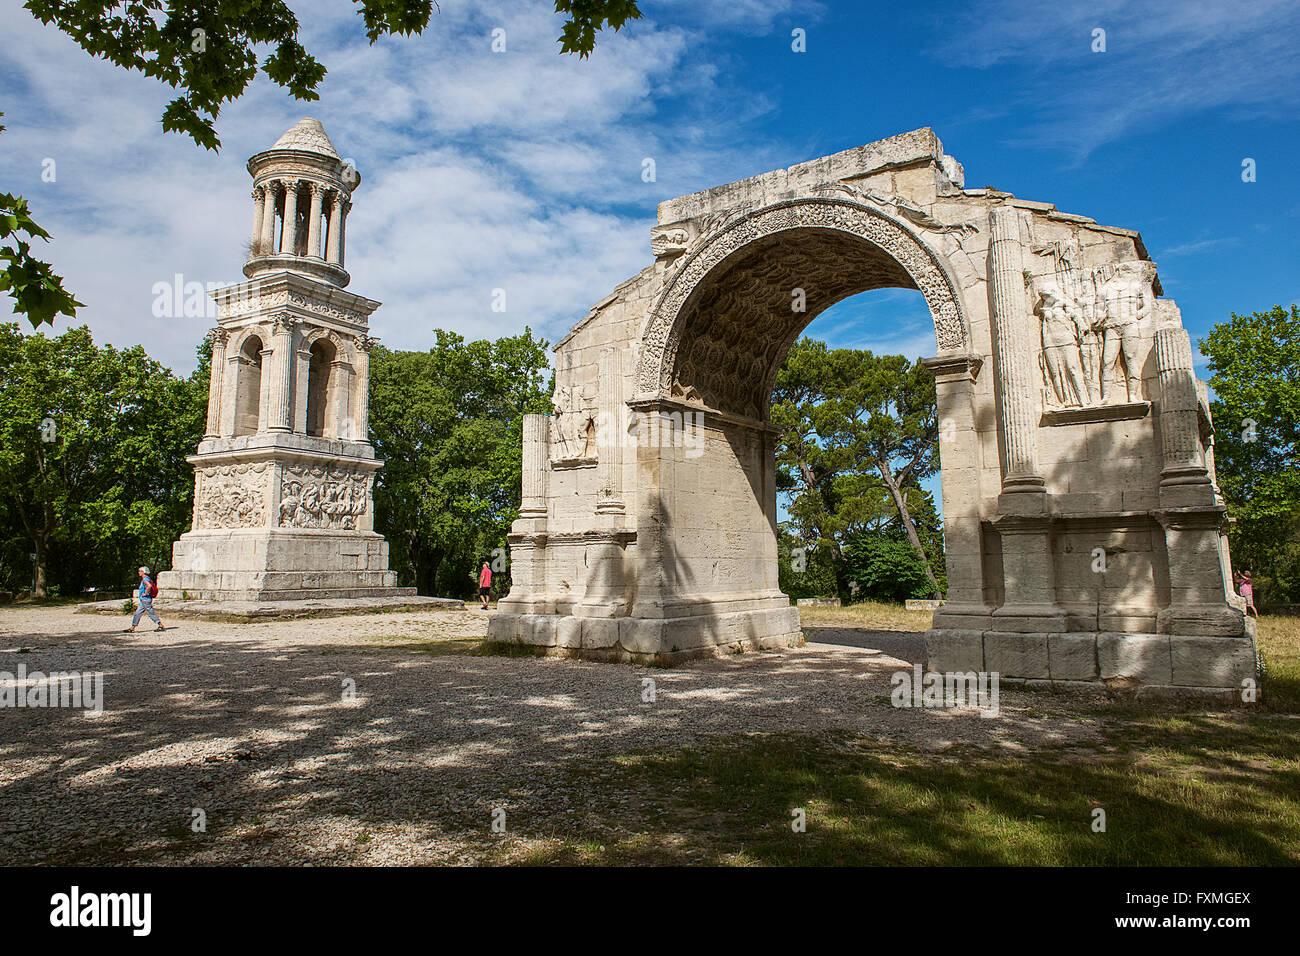 Glanum, Saint-Rémy-de-Provence, France Photo Stock